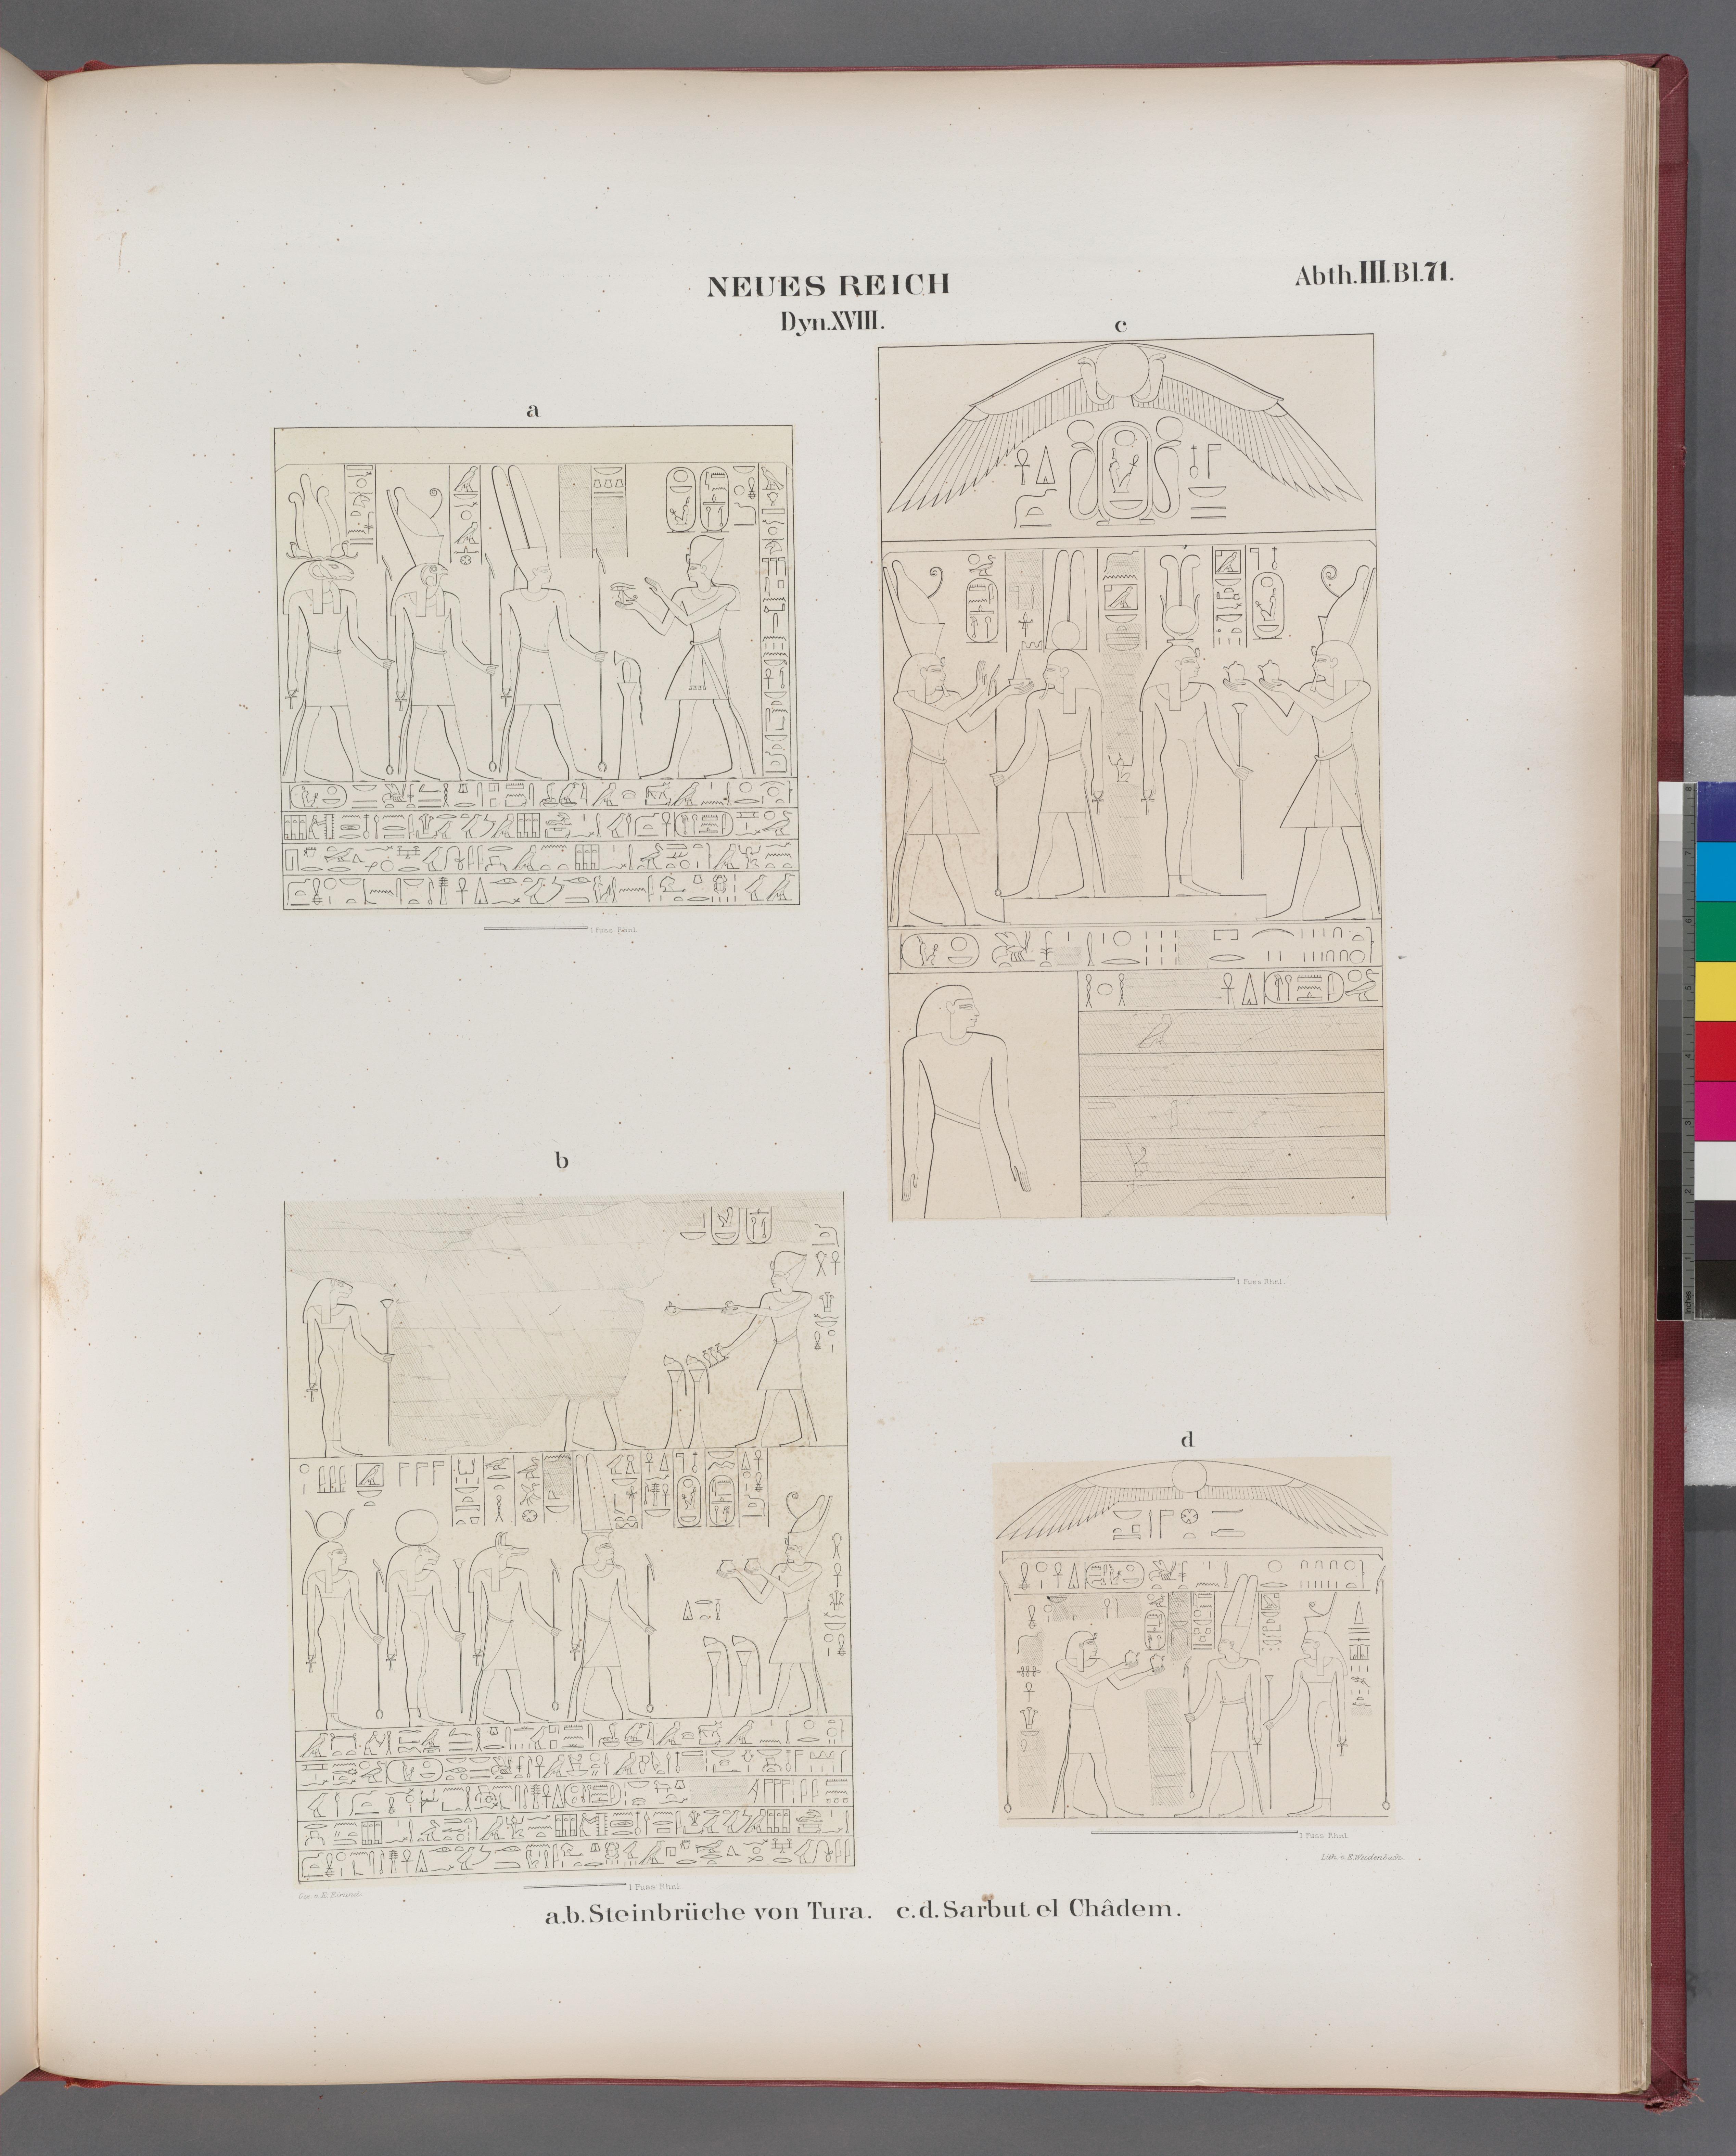 File:Neues Reich. Dynastie XVIII. A. B. Steinbrüche Von Tura; C. D. Sarbut  El